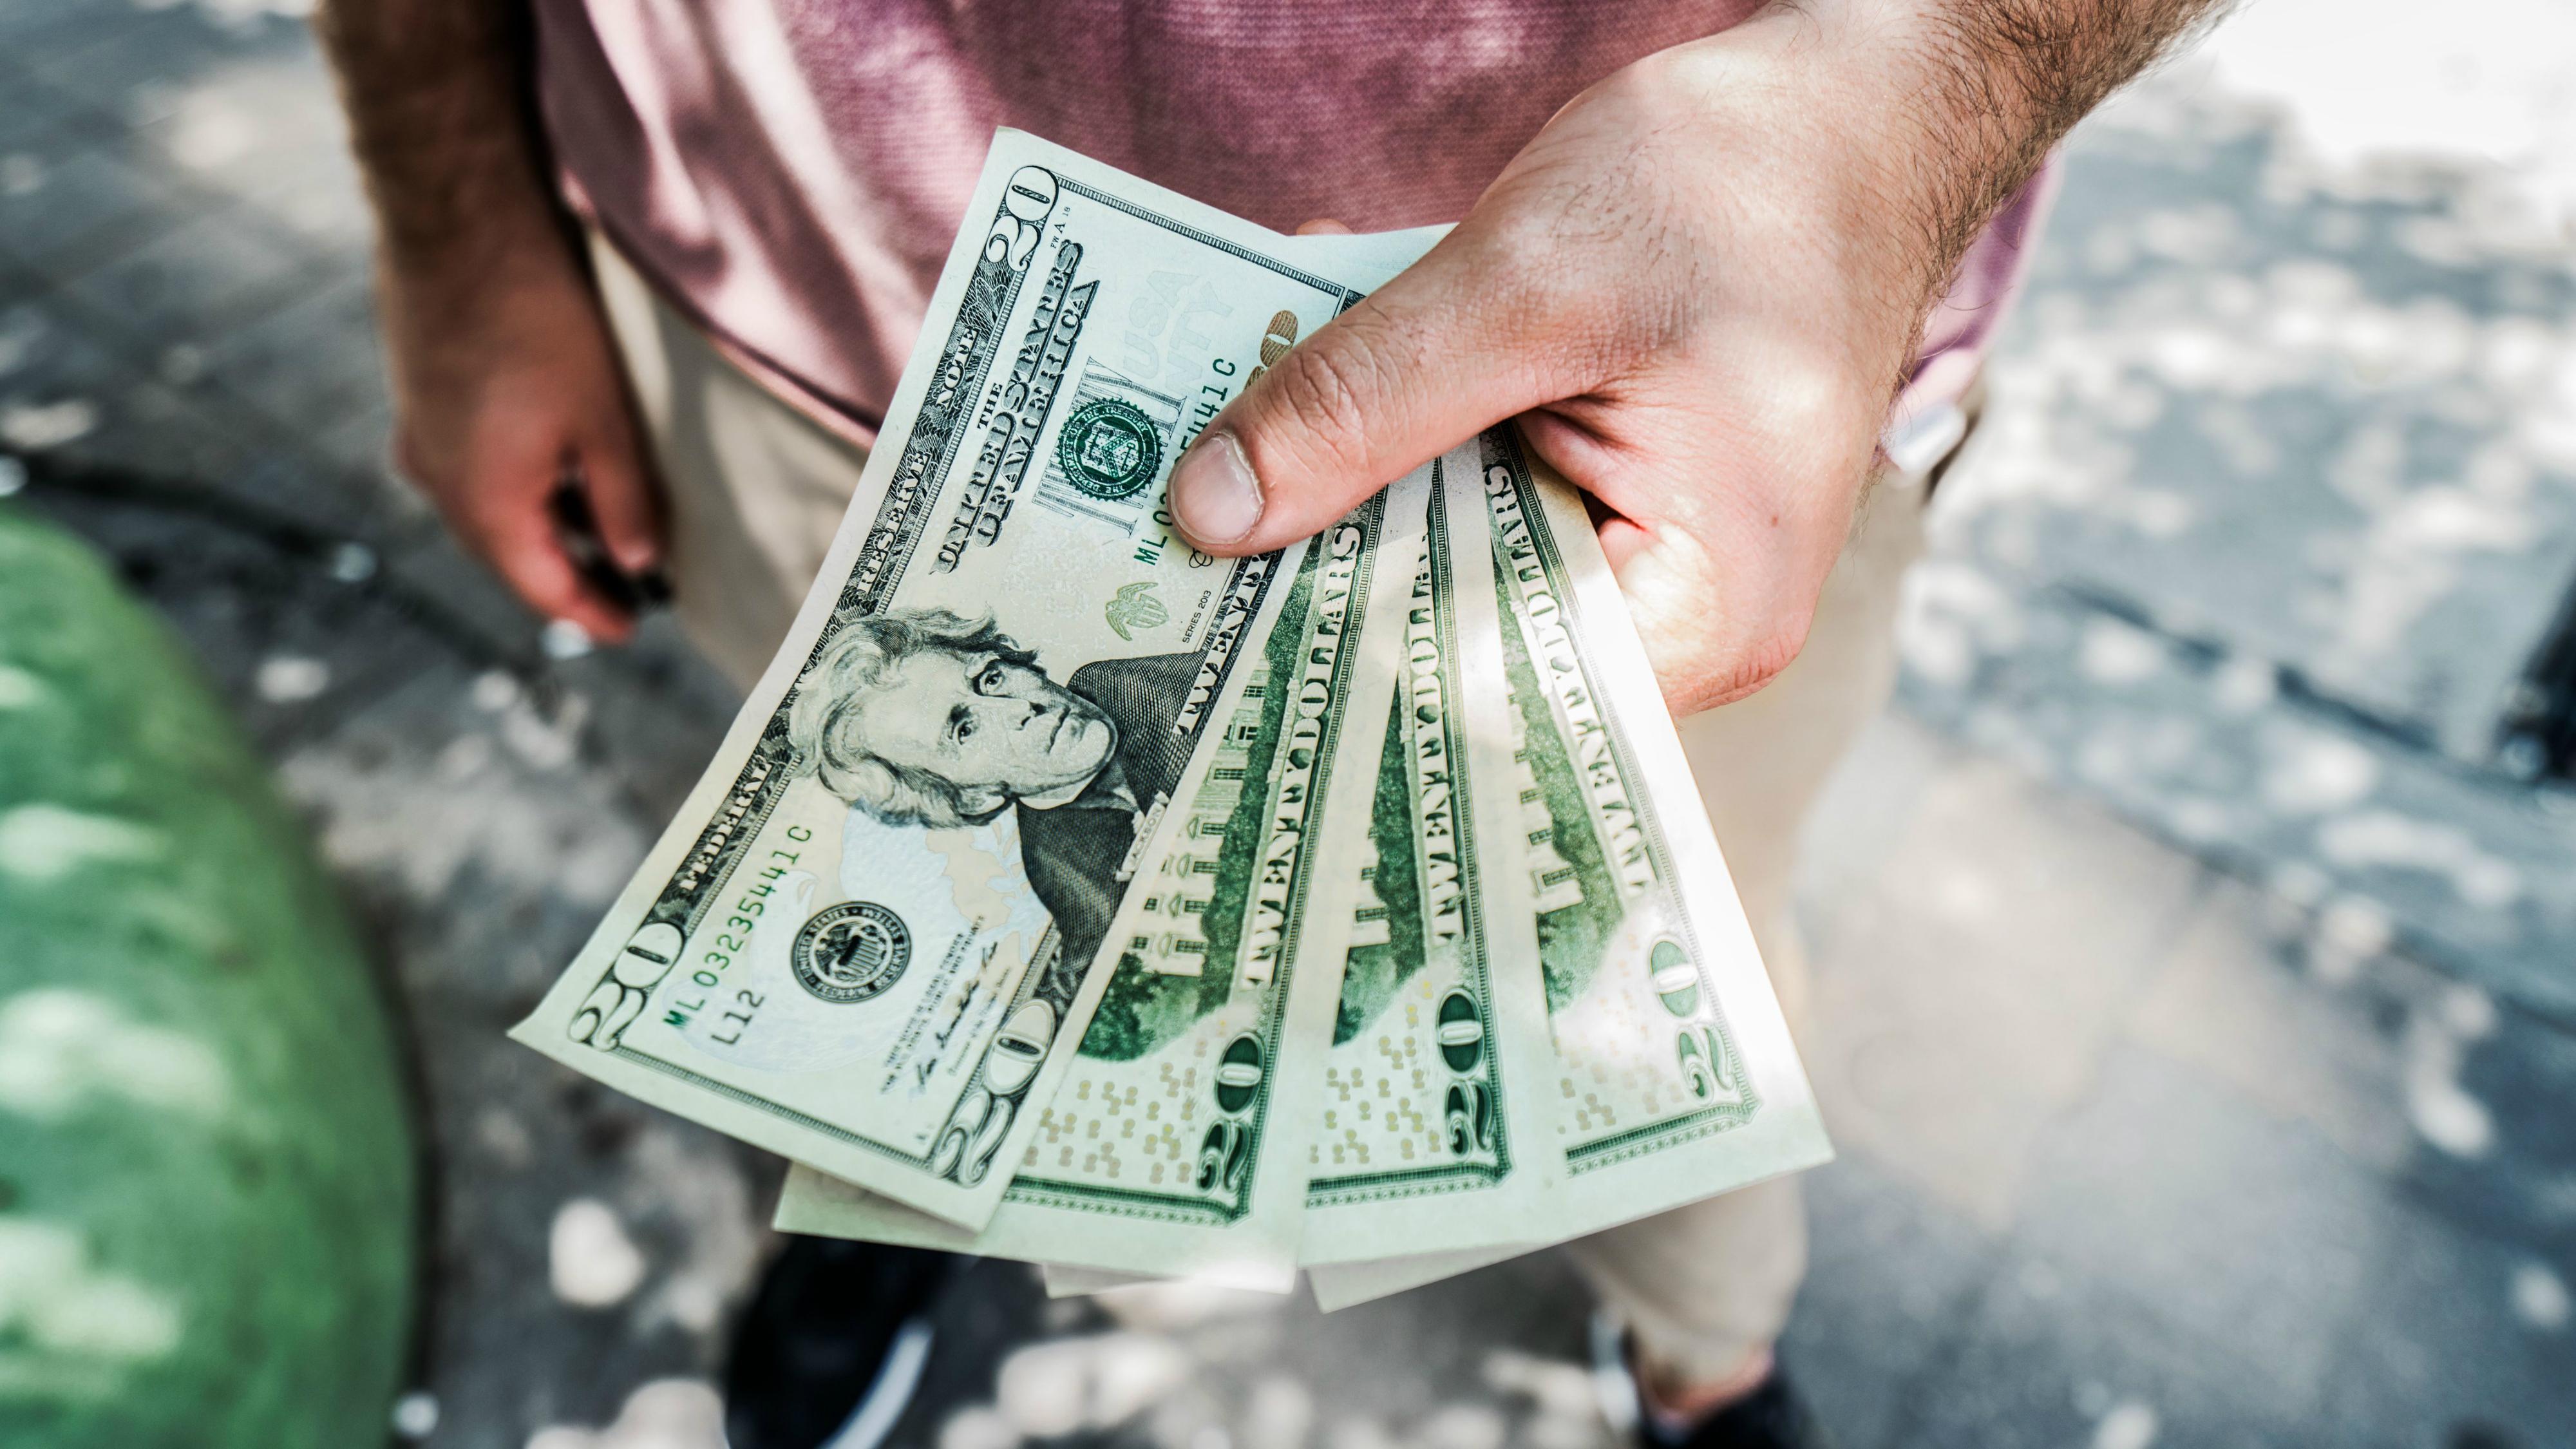 kā nopelnīt naudu un kur iegūt naudu)